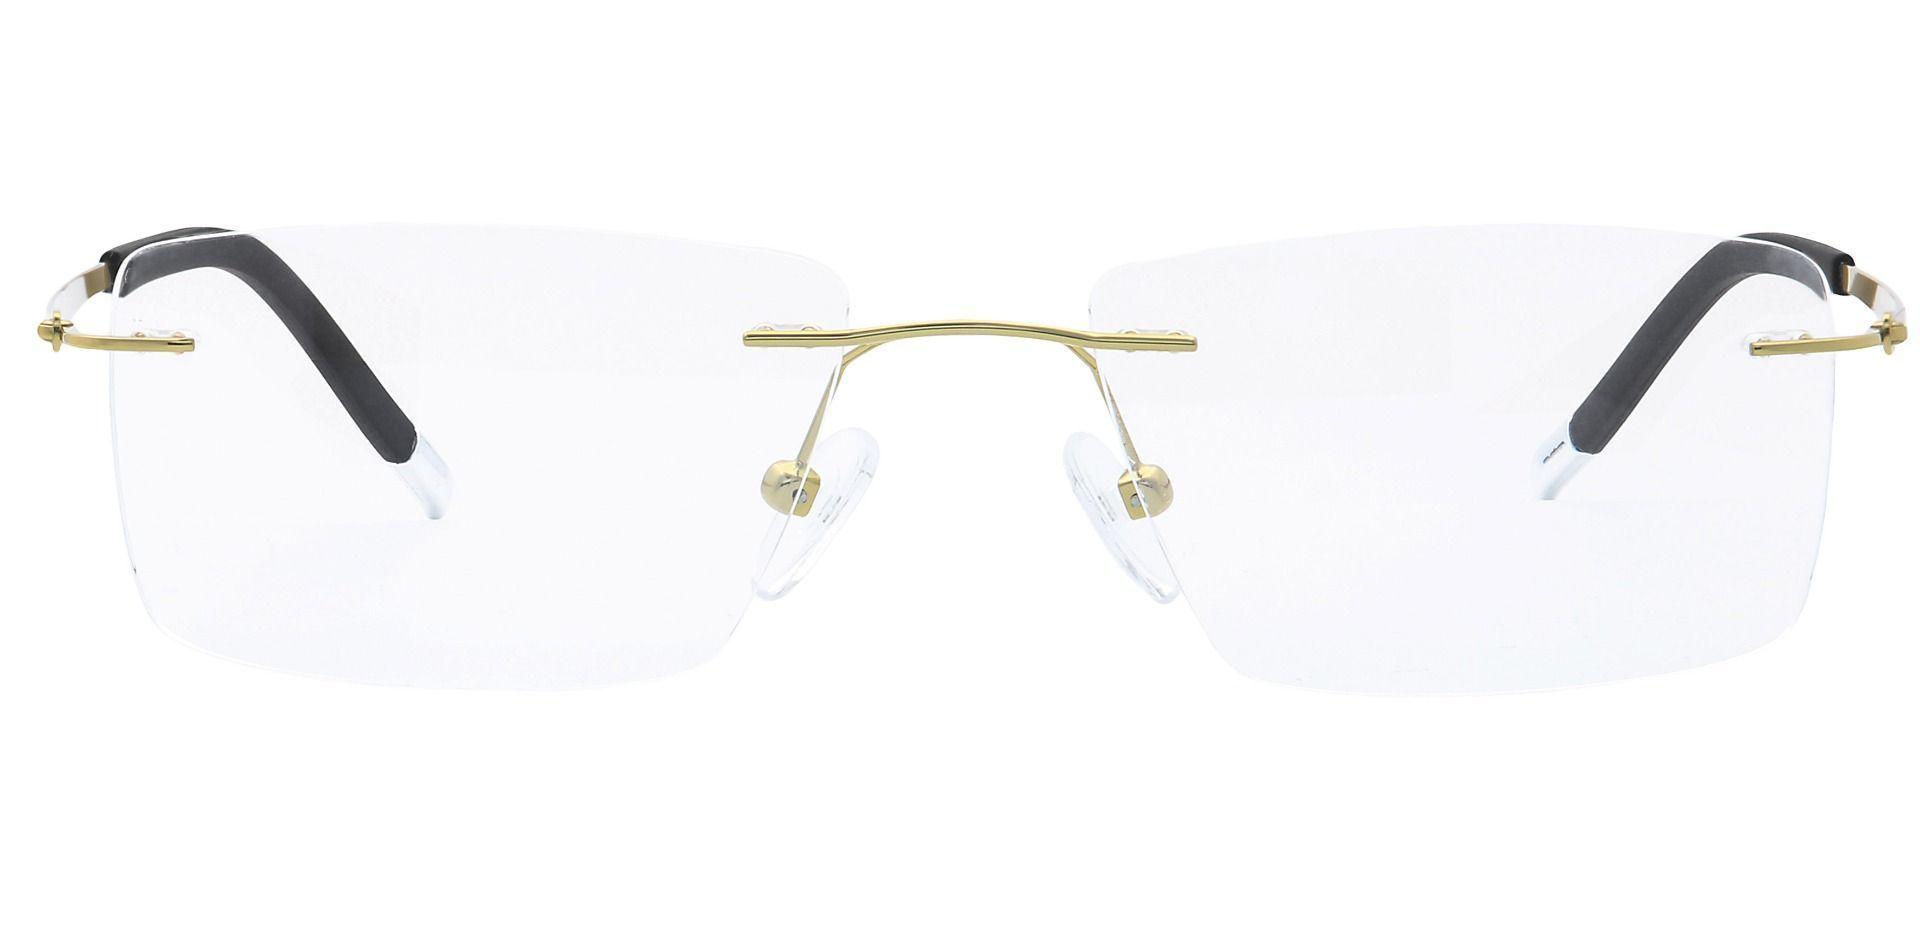 Justice Rimless Prescription Glasses - Yellow